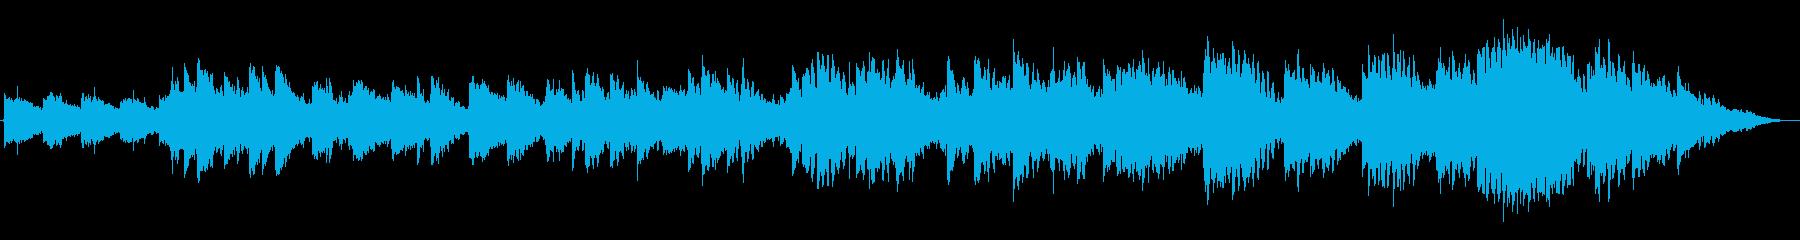 雪原・神秘・幻想的で物悲しいフィールド曲の再生済みの波形